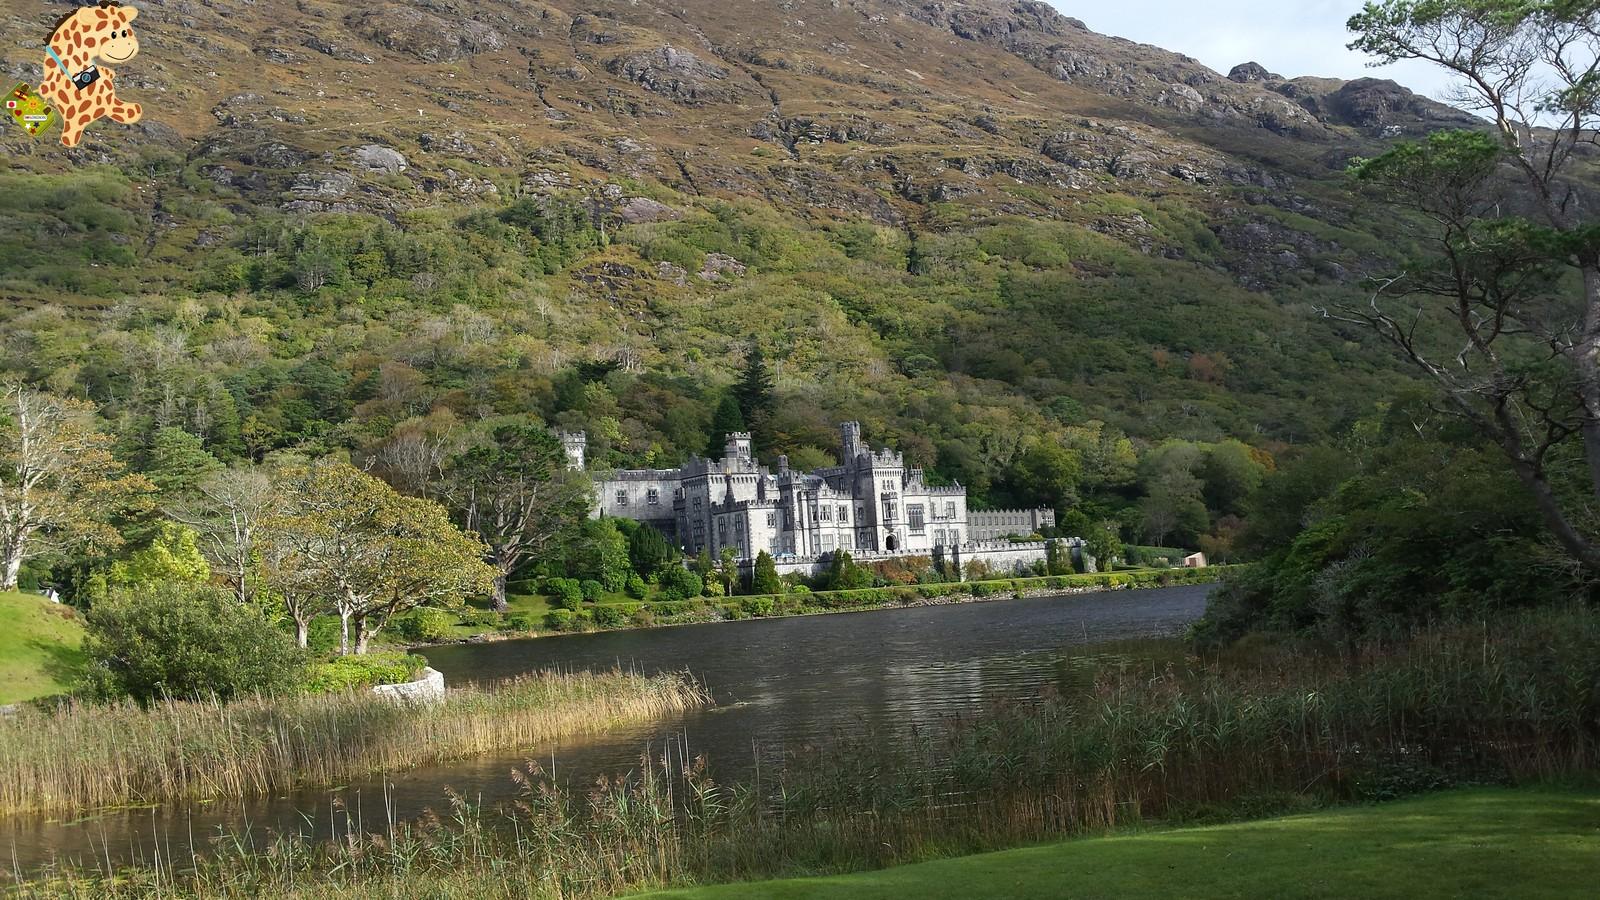 Irlanda en 10 días (II): región de Connemara y Galway